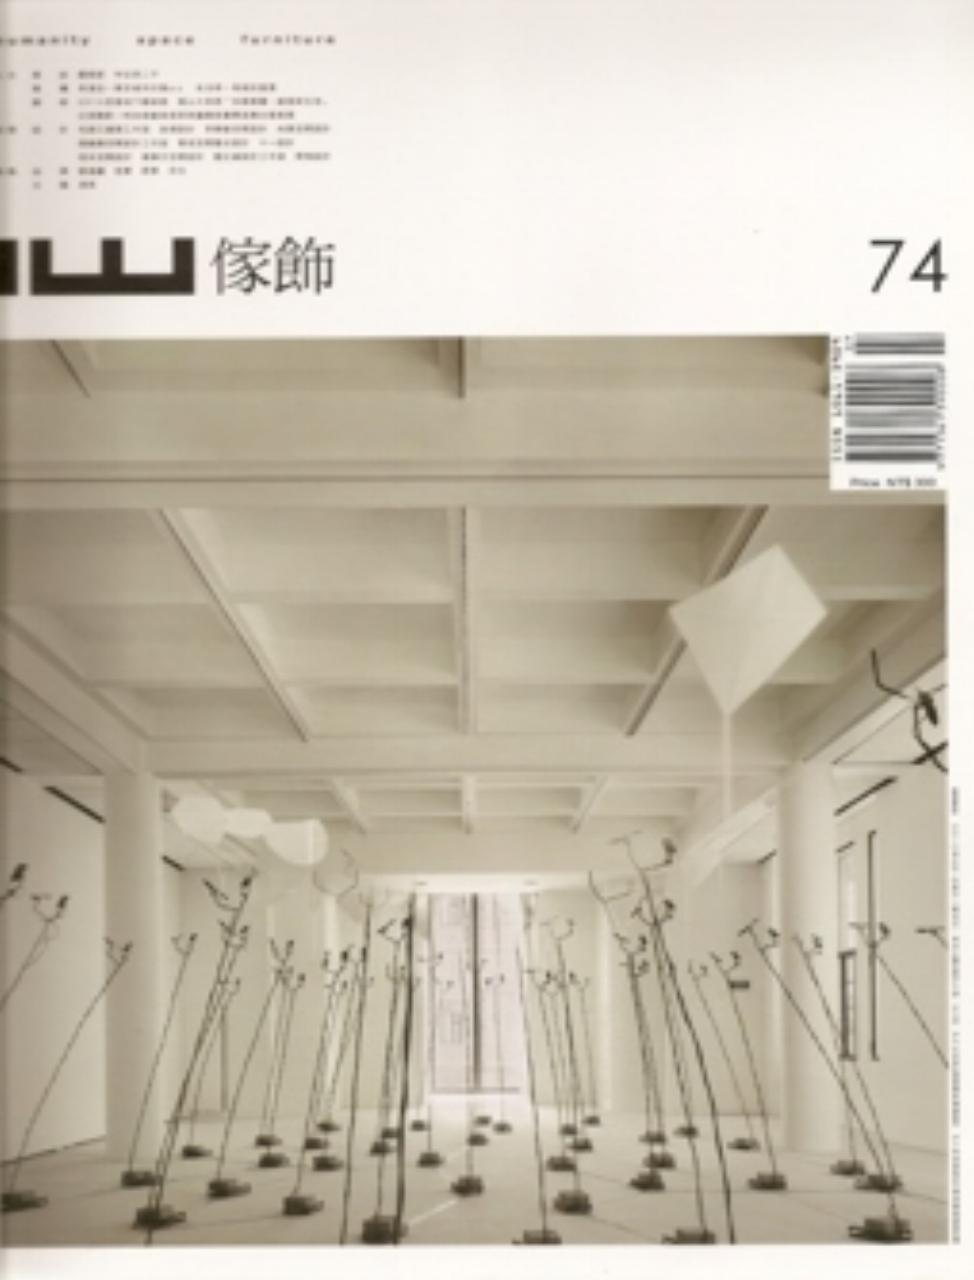 iW Mag 74 01.jpg